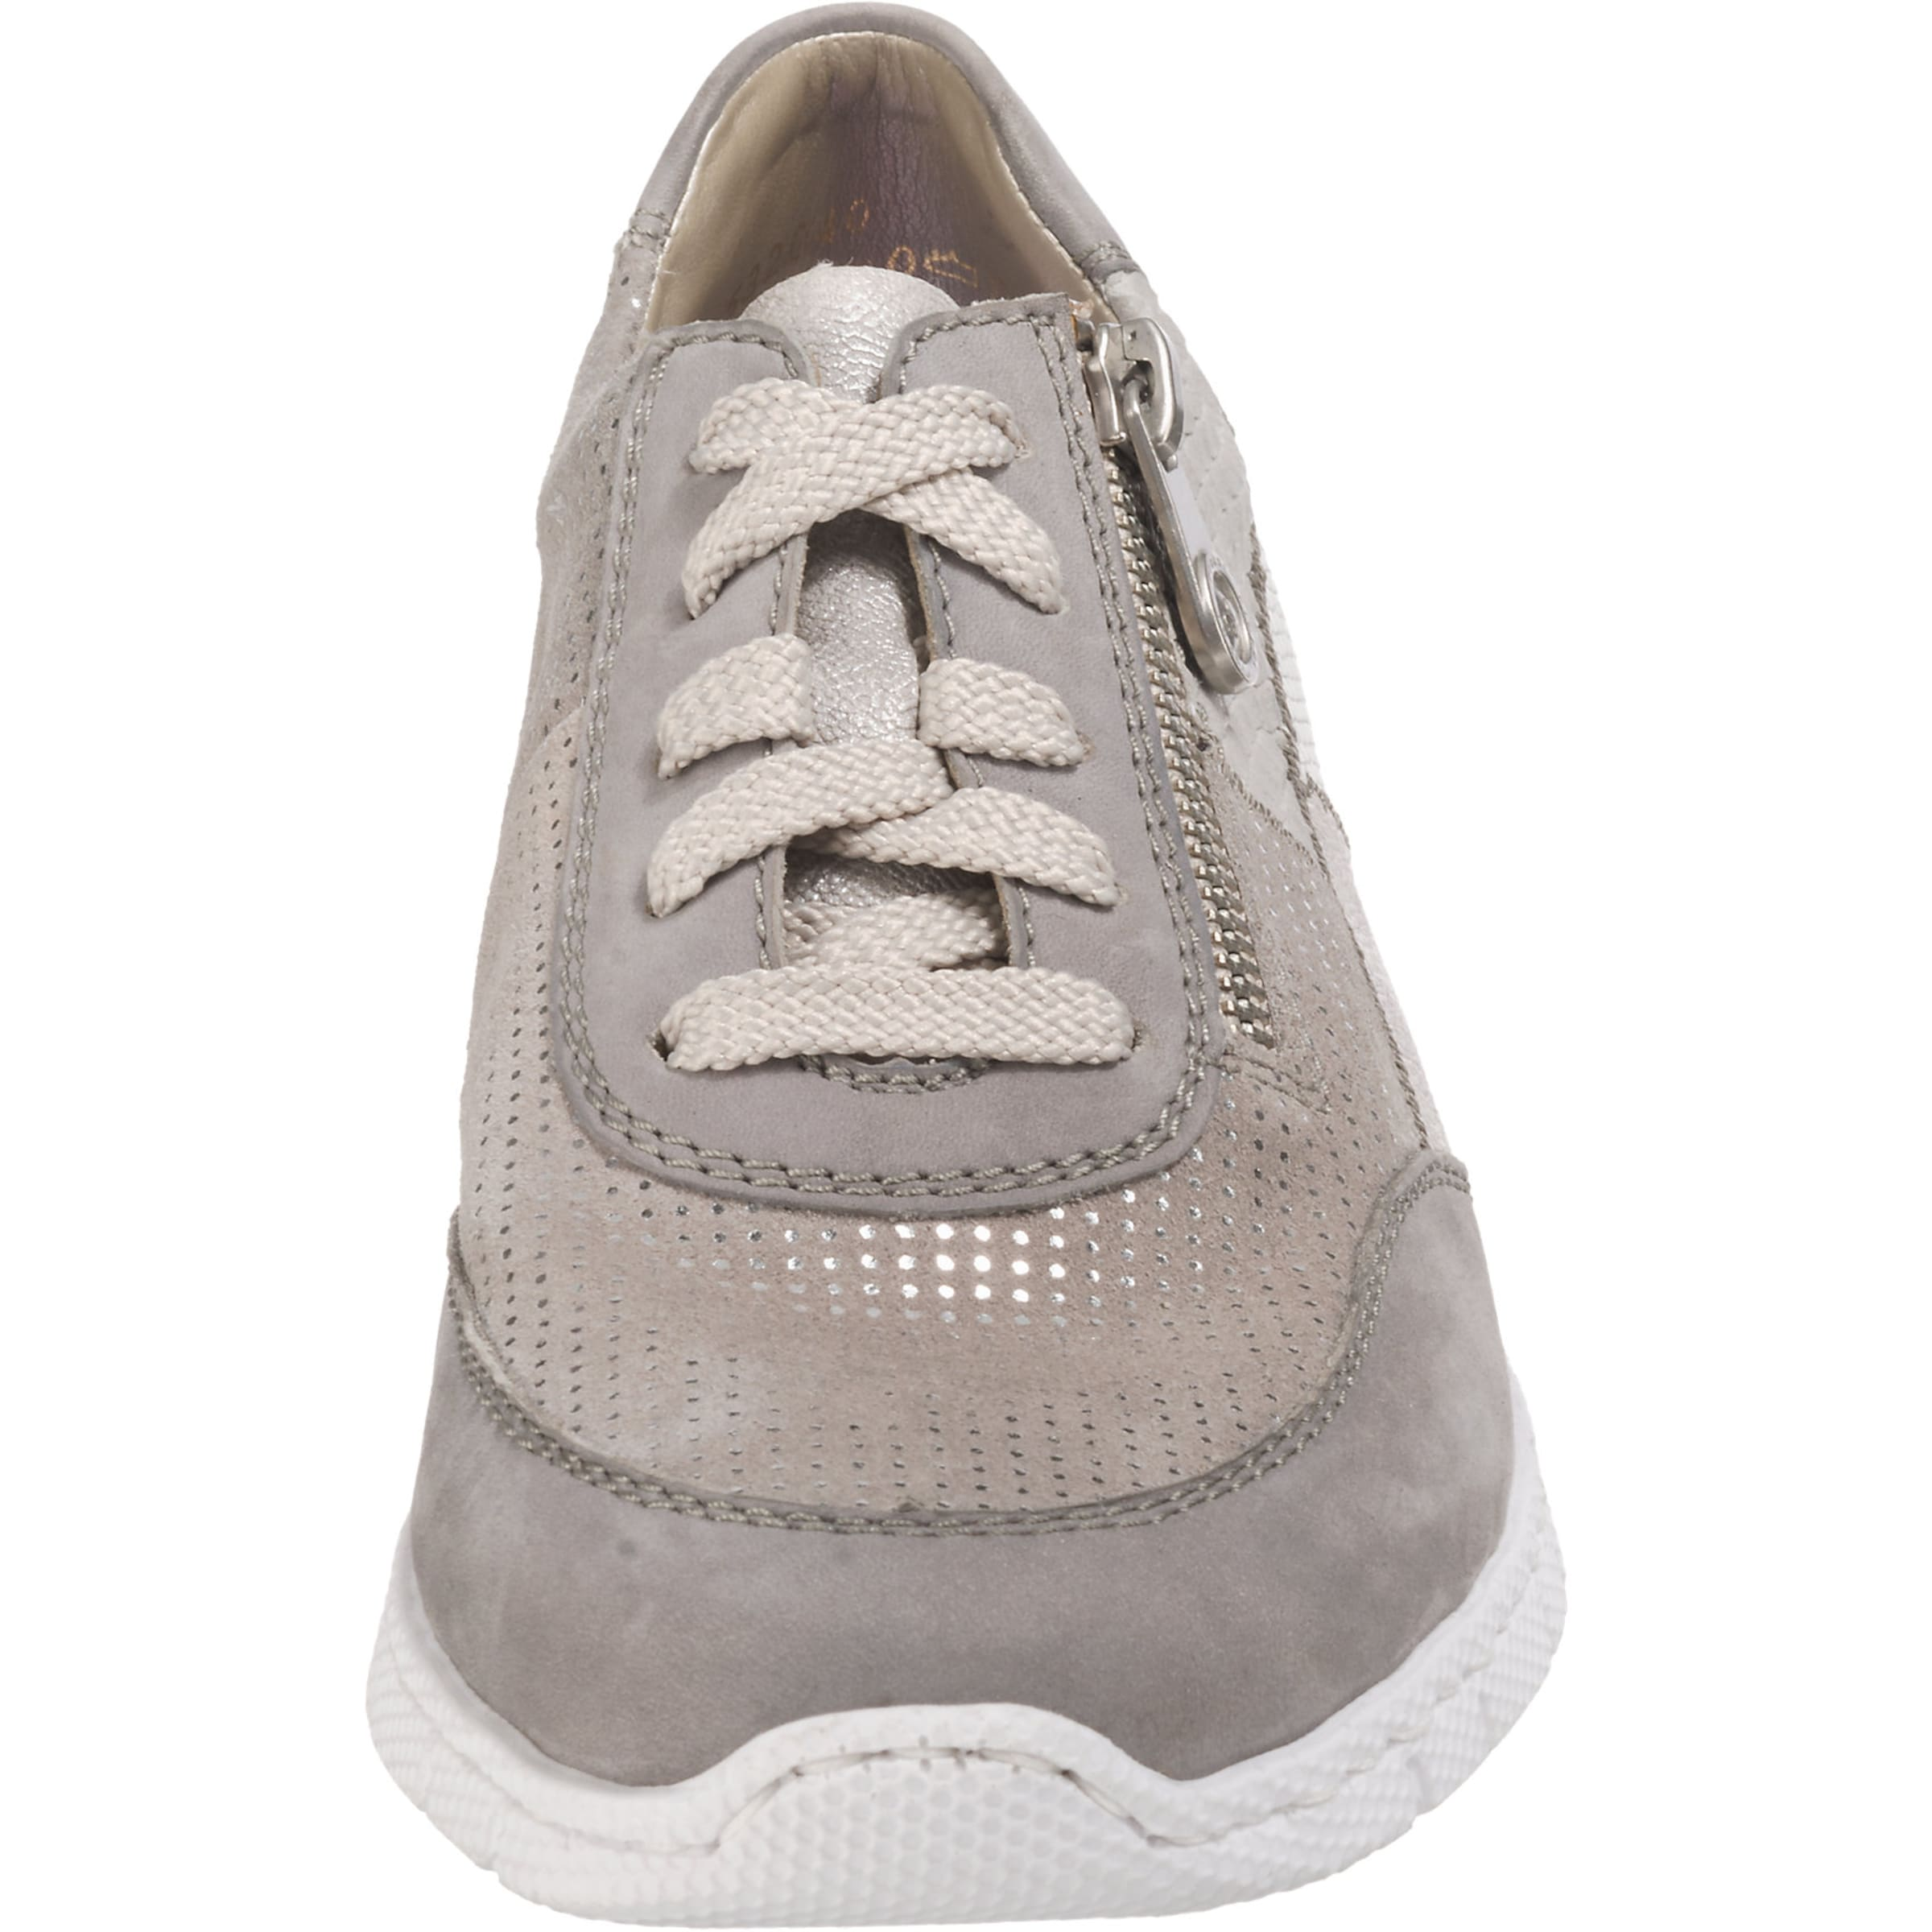 BeigeGrau Sneakers Sneakers Rieker In Rieker In cRqA5L34jS